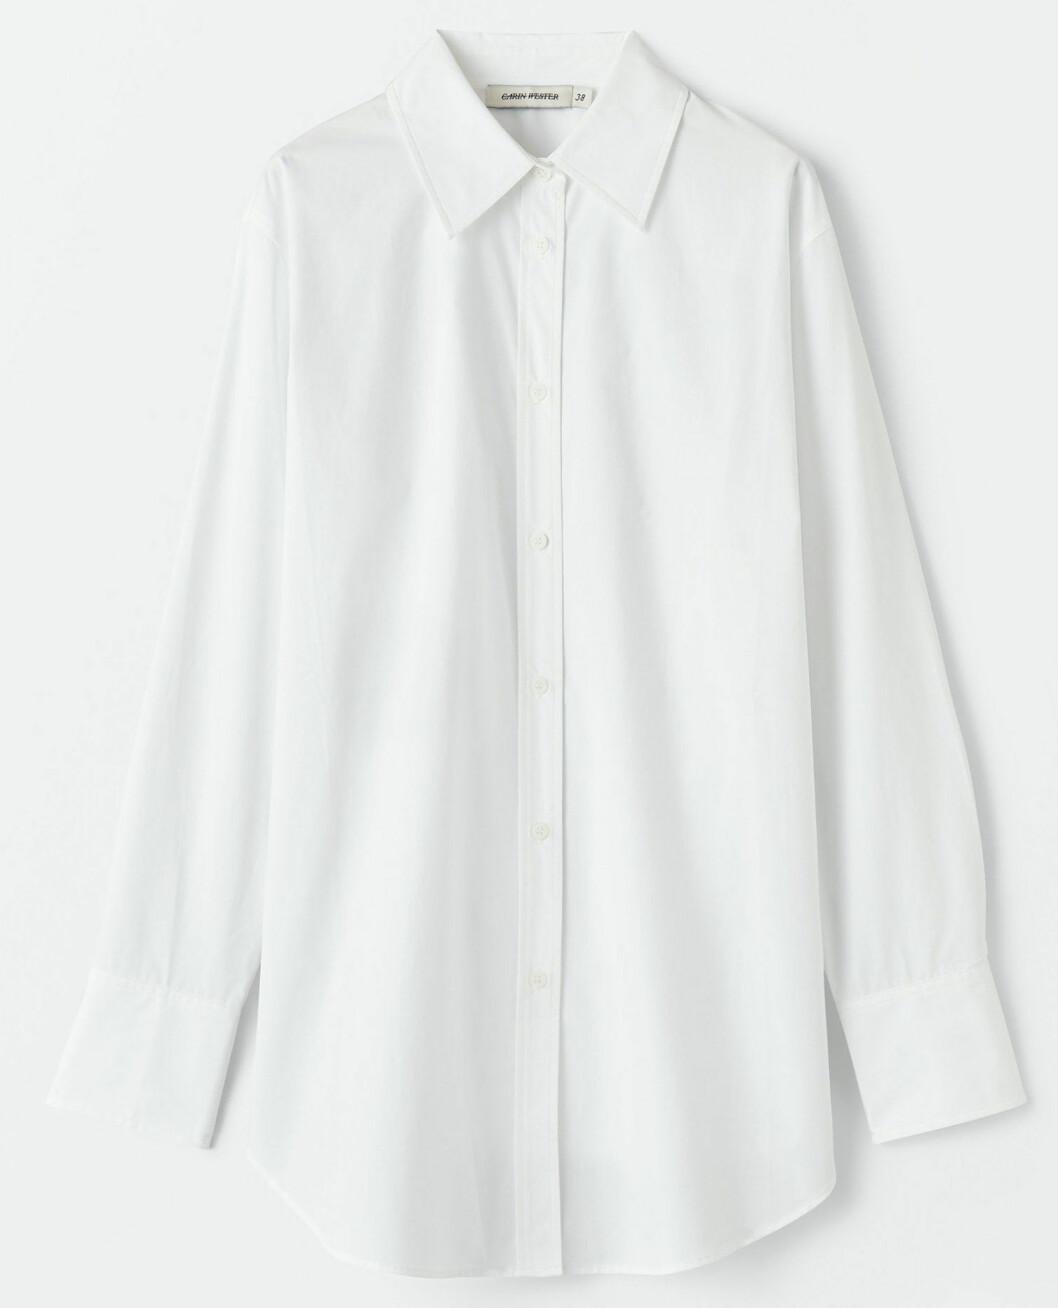 En vit klassiker i oversized modell passar oavsett styling och tillfälle. Denna kommer från Carin Wester.